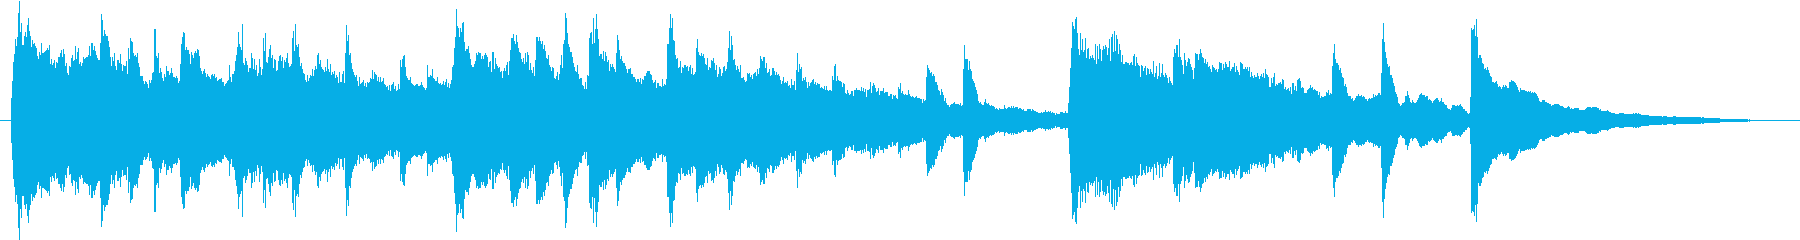 感動的エモーショナルなピアノサウンドロゴの再生済みの波形